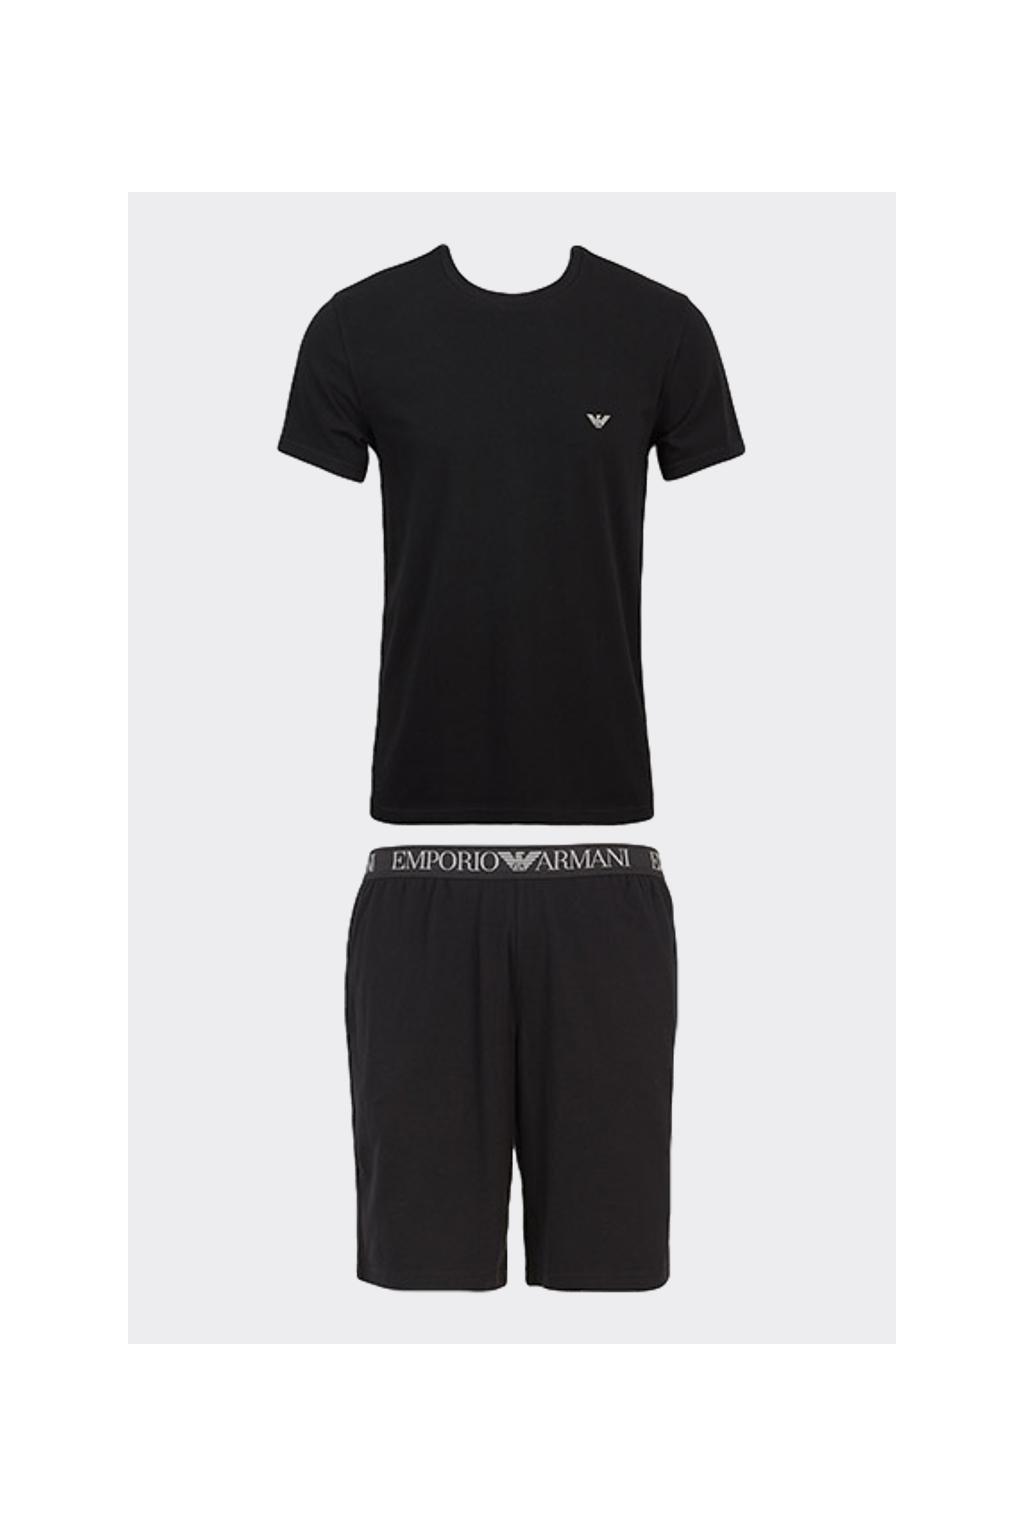 Emporio Armani pyžamový set - černý